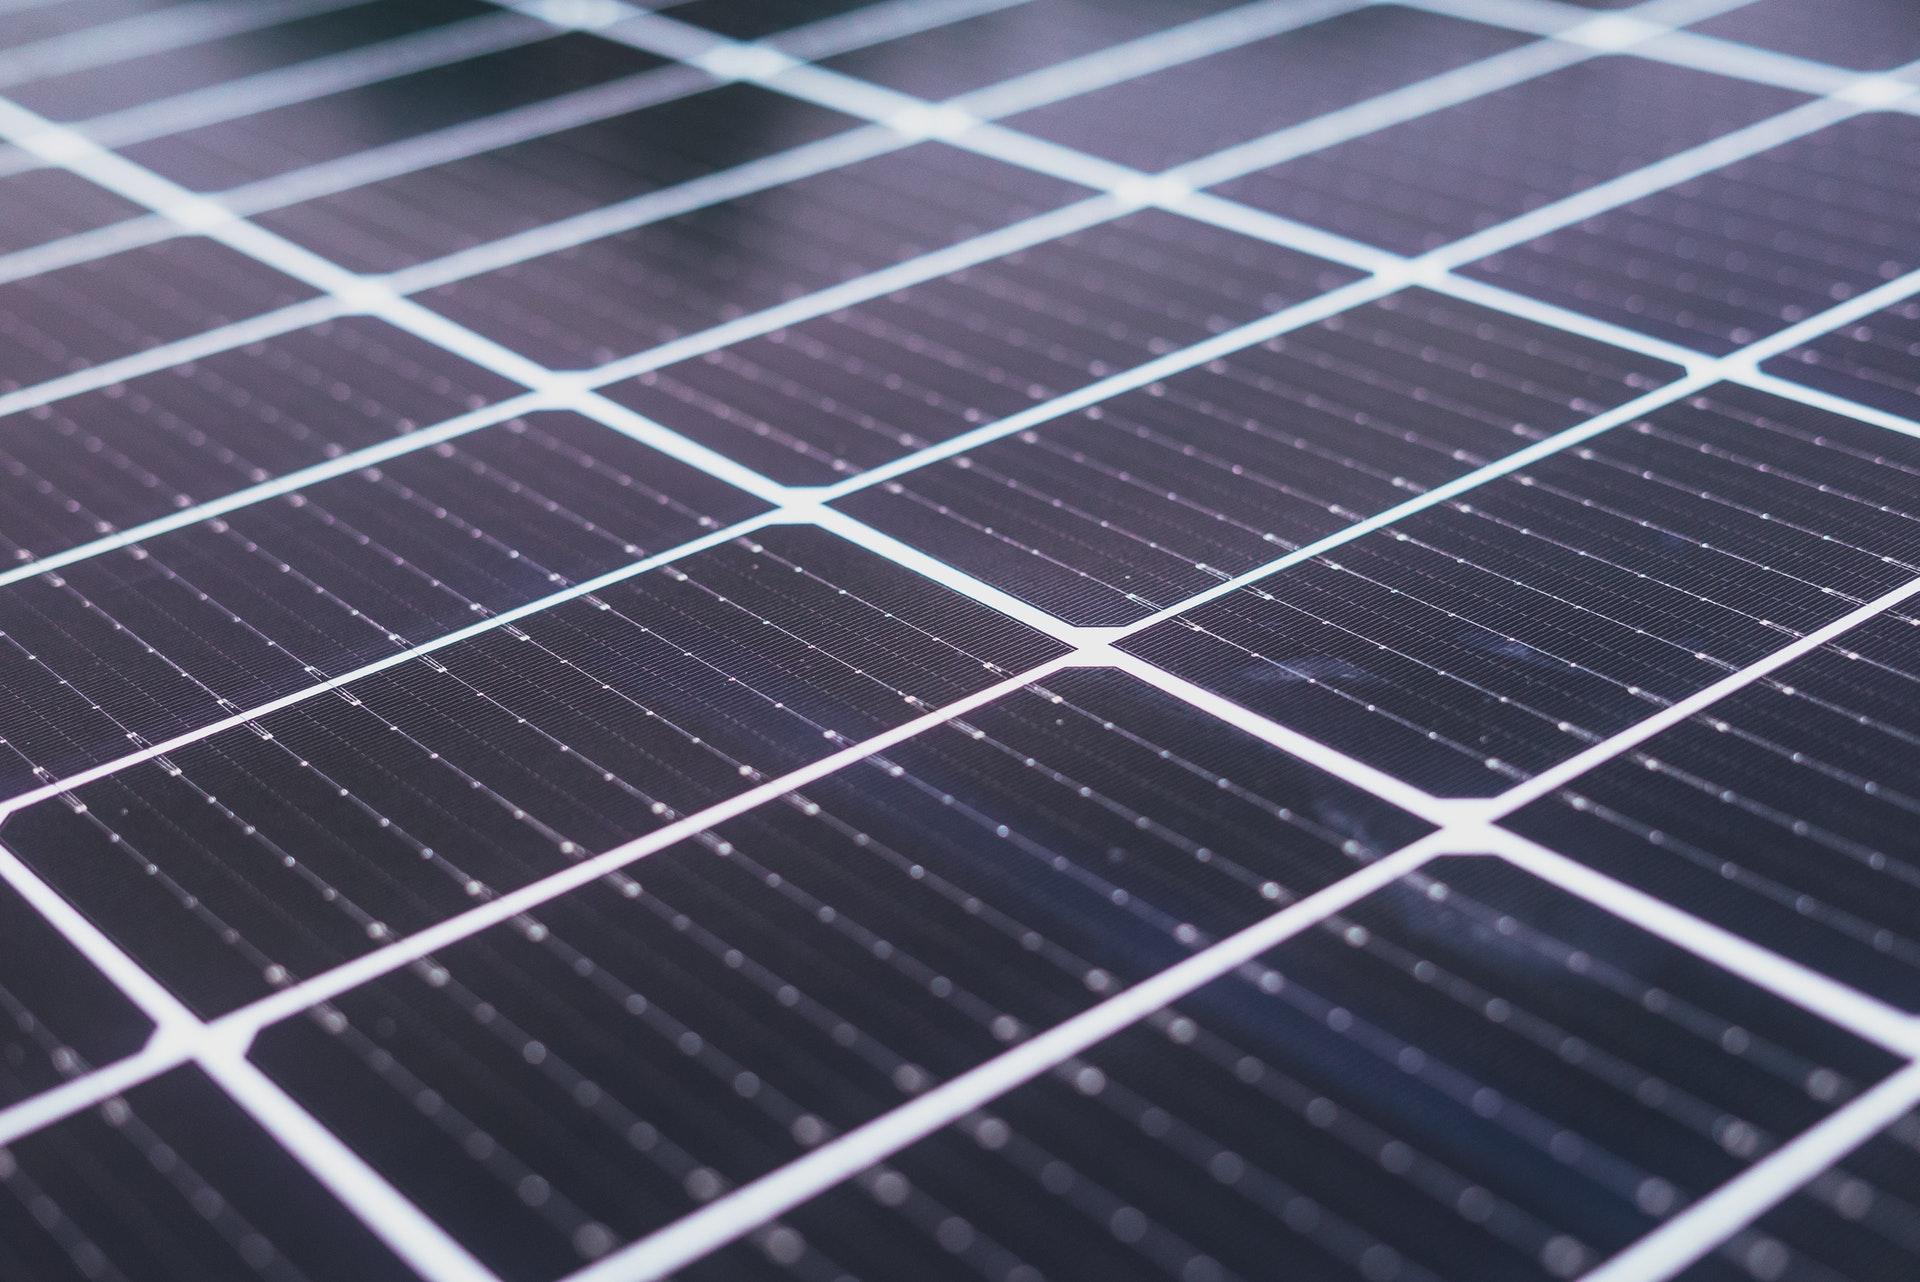 القمة العالمية لطاقة المستقبل بأبوظبي Abu Dhabi تستضيف منتدى الطاقة الشمسية وتعرض أحدث الابتكارات